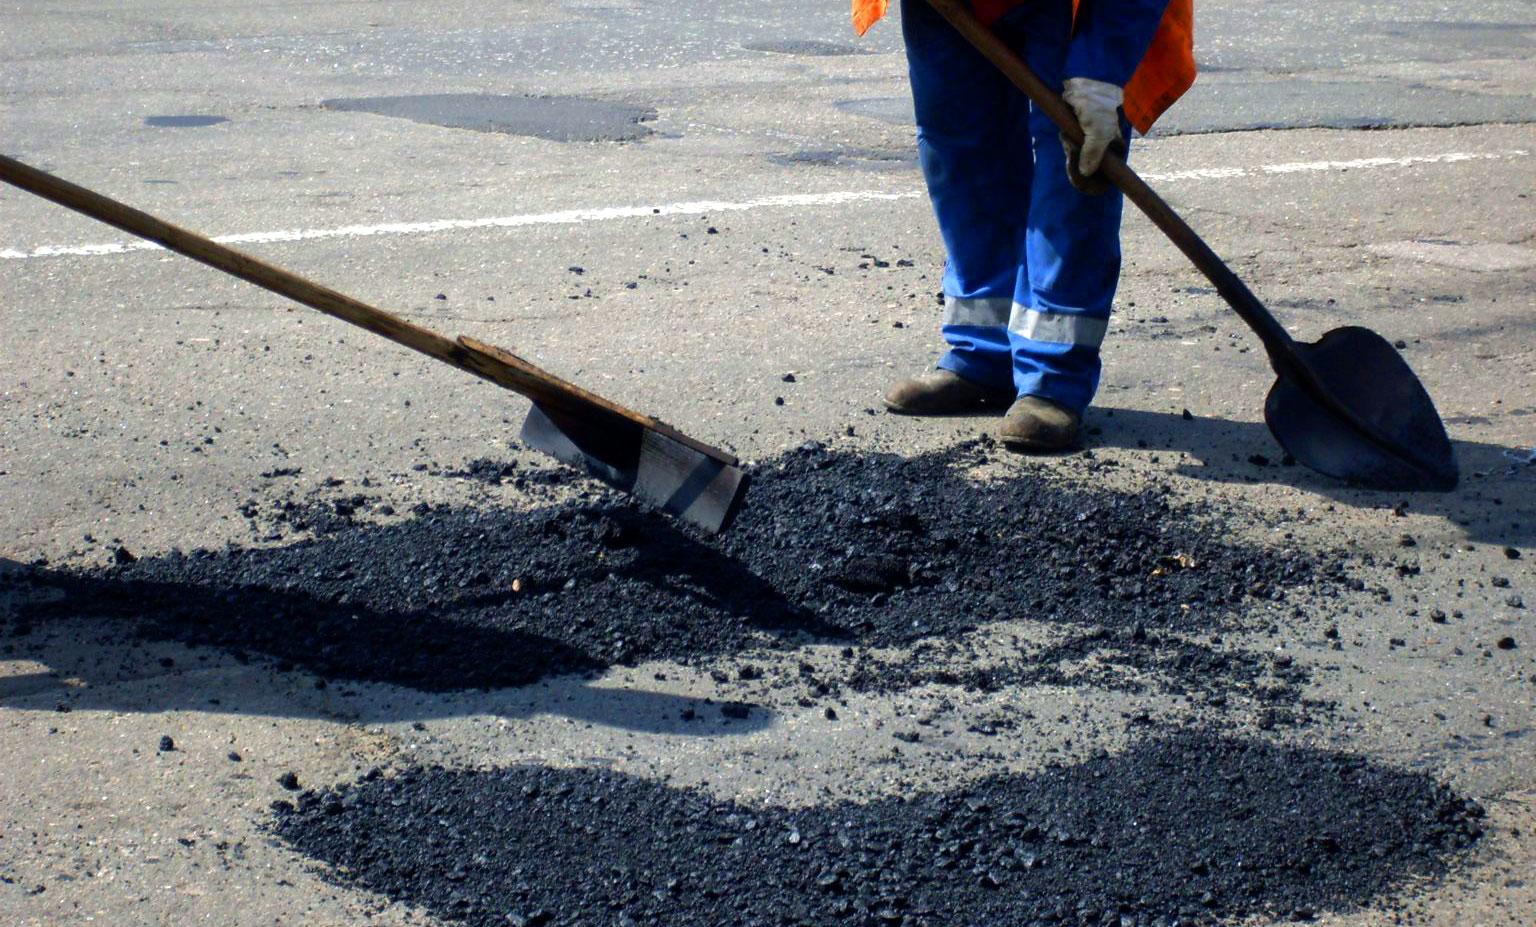 На ремонт 37 км дорог в Вологодской области потратят 300 млн рублей